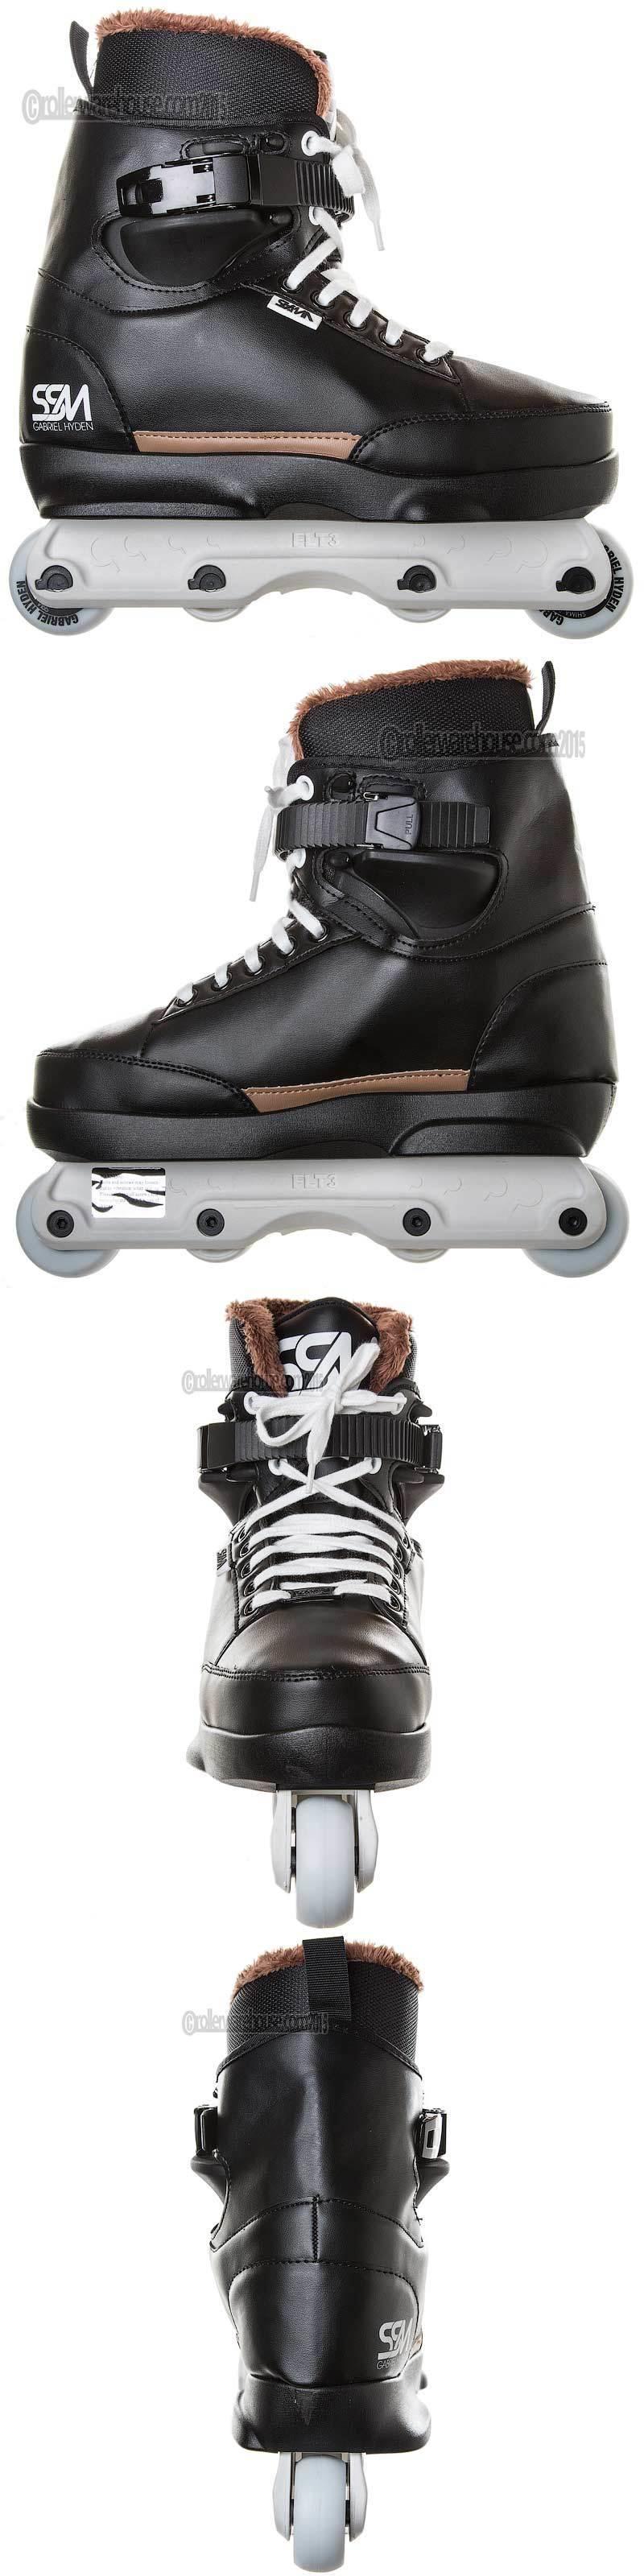 Men 47346 Ssm Gabriel Hyden Pro Aggressive Inline Skates New Sizes 11 67